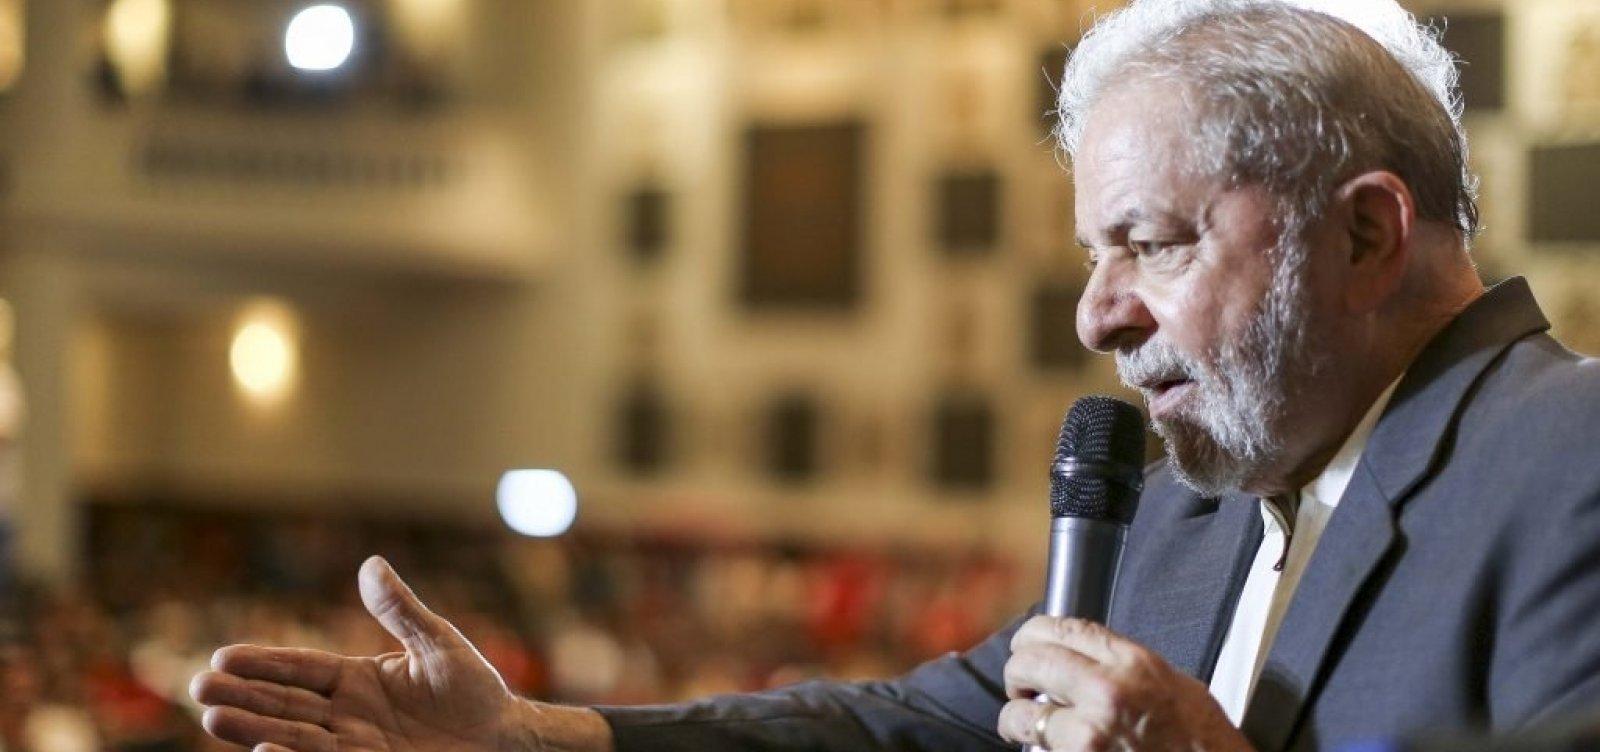 Ex-diretor da OAS reforça retratação de Léo Pinheirosobre delação contra Lula